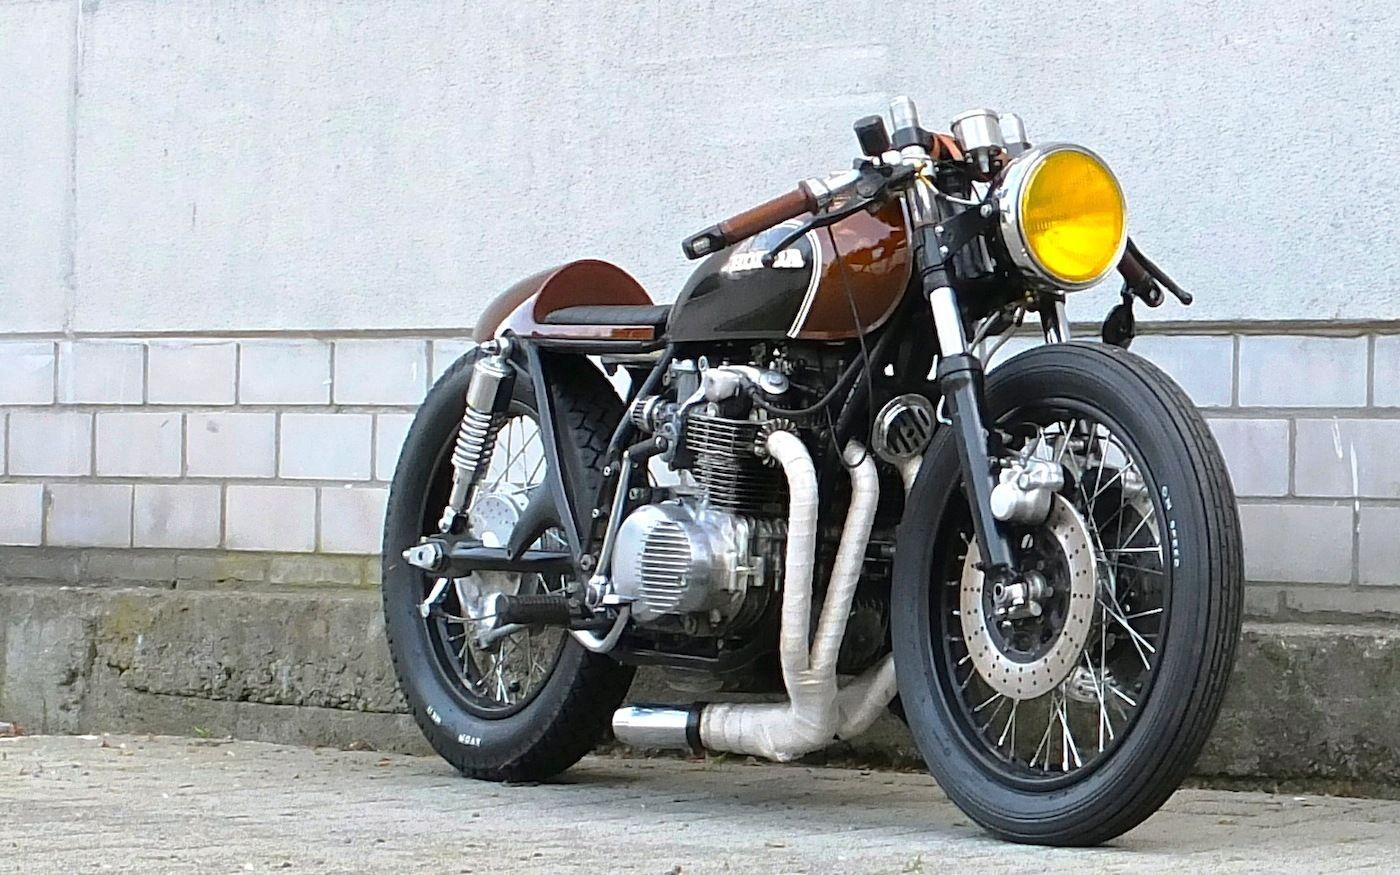 afficher l 39 image d 39 origine moto moto deux roues et. Black Bedroom Furniture Sets. Home Design Ideas